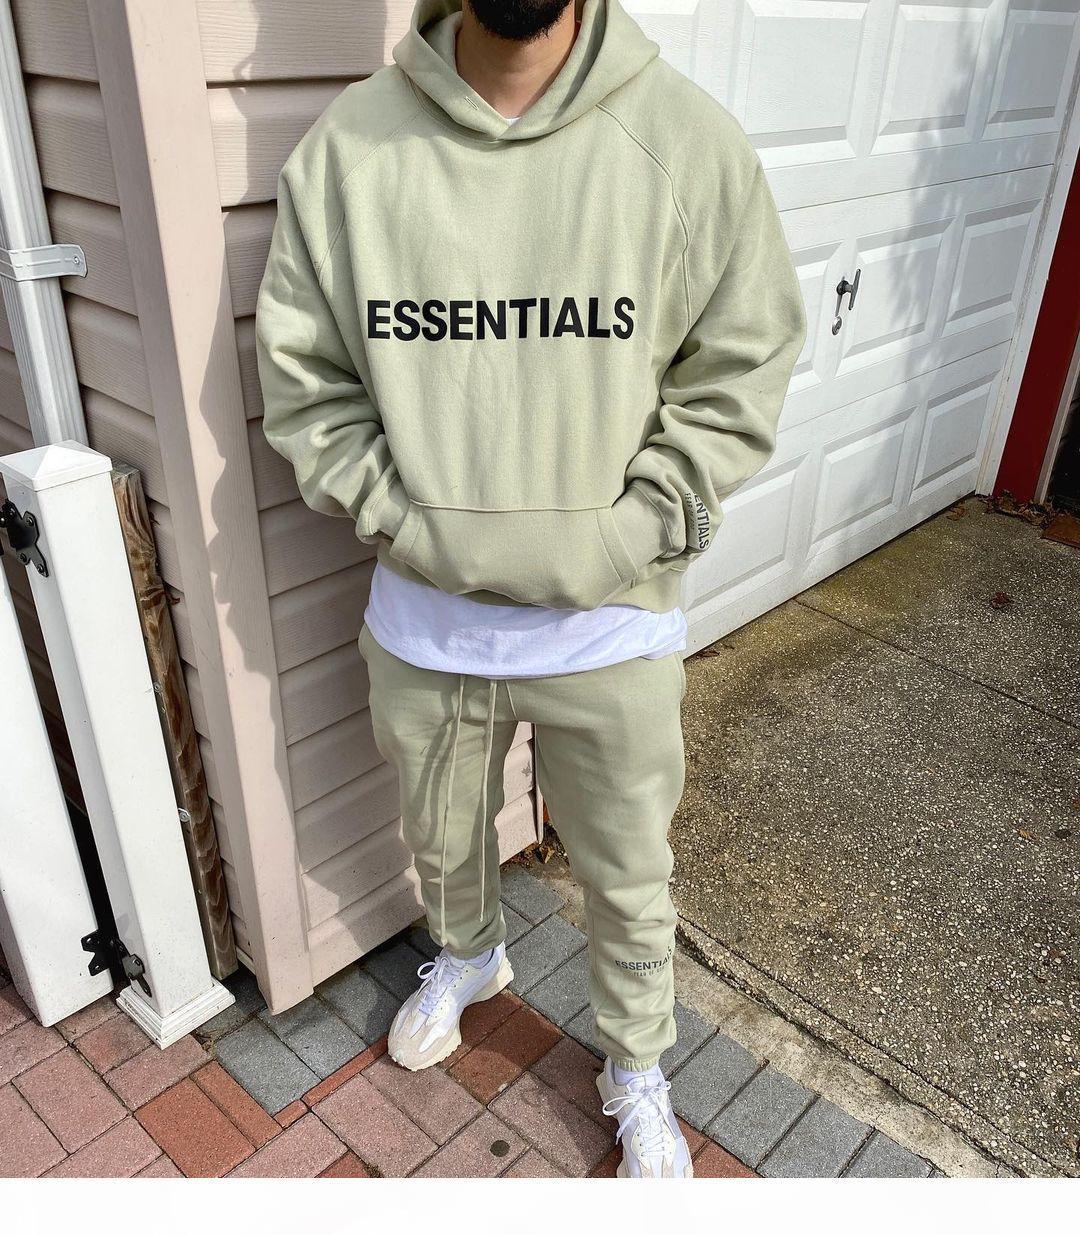 Nebel Angst vor Gott Essentials SS20 Pullover Hoodie 3D Silicon Applique Front Logo Fleece Hoodie Casual Oversize Sweatshirt Hip Hop Streetwear